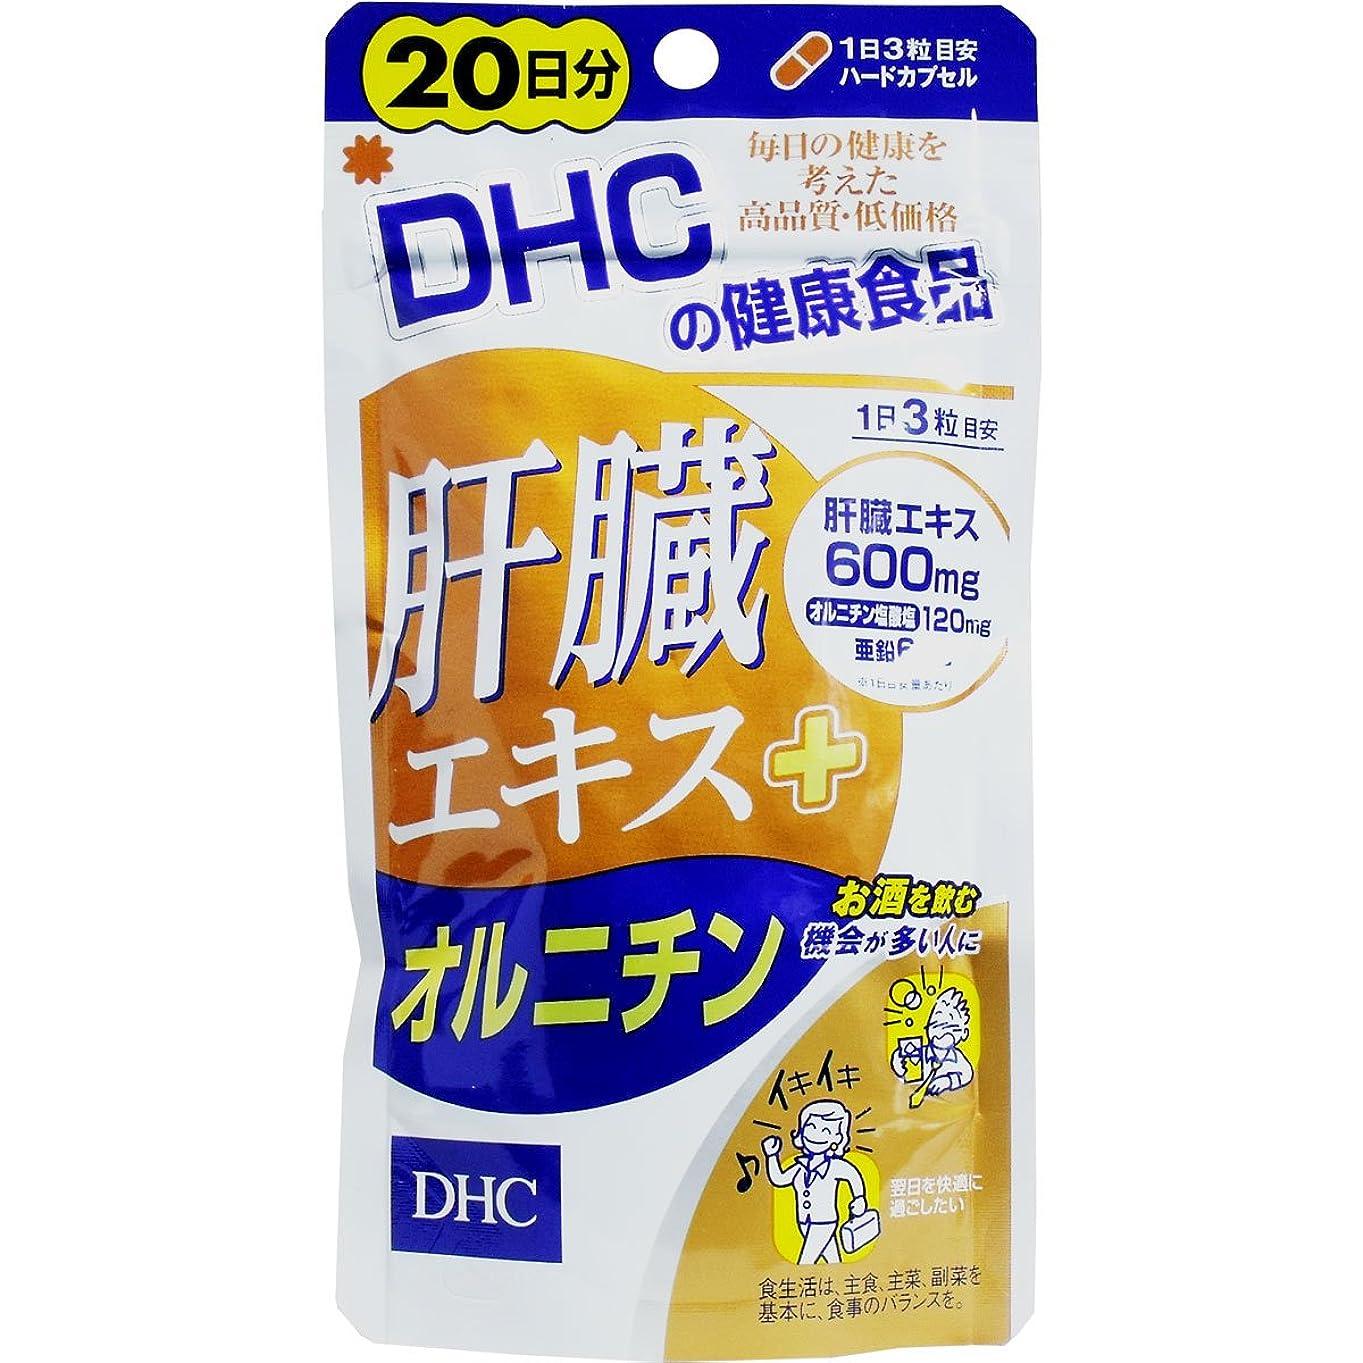 チラチラする二晩餐DHC 肝臓エキス+オルニチン 20日分 60粒 ×2個セット